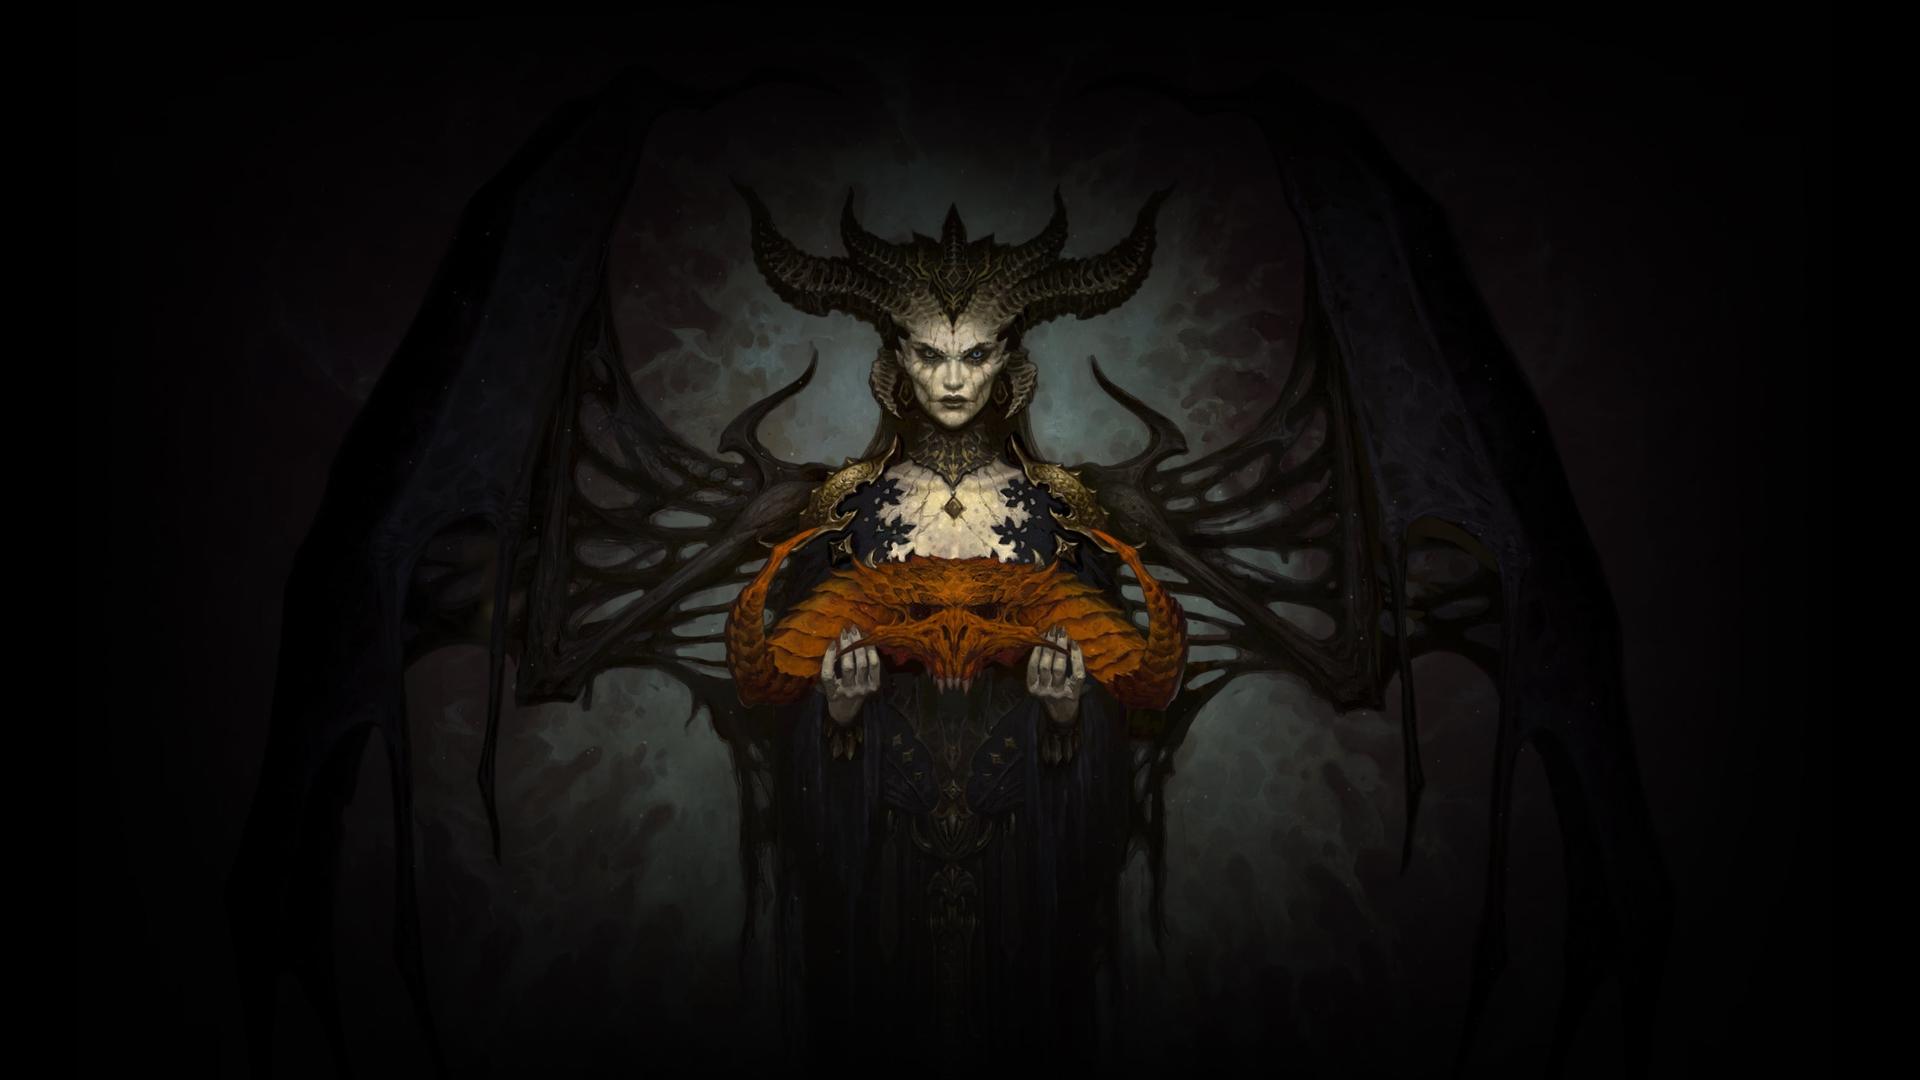 3 Lilith Diablo Fondos De Pantalla Hd Fondos De